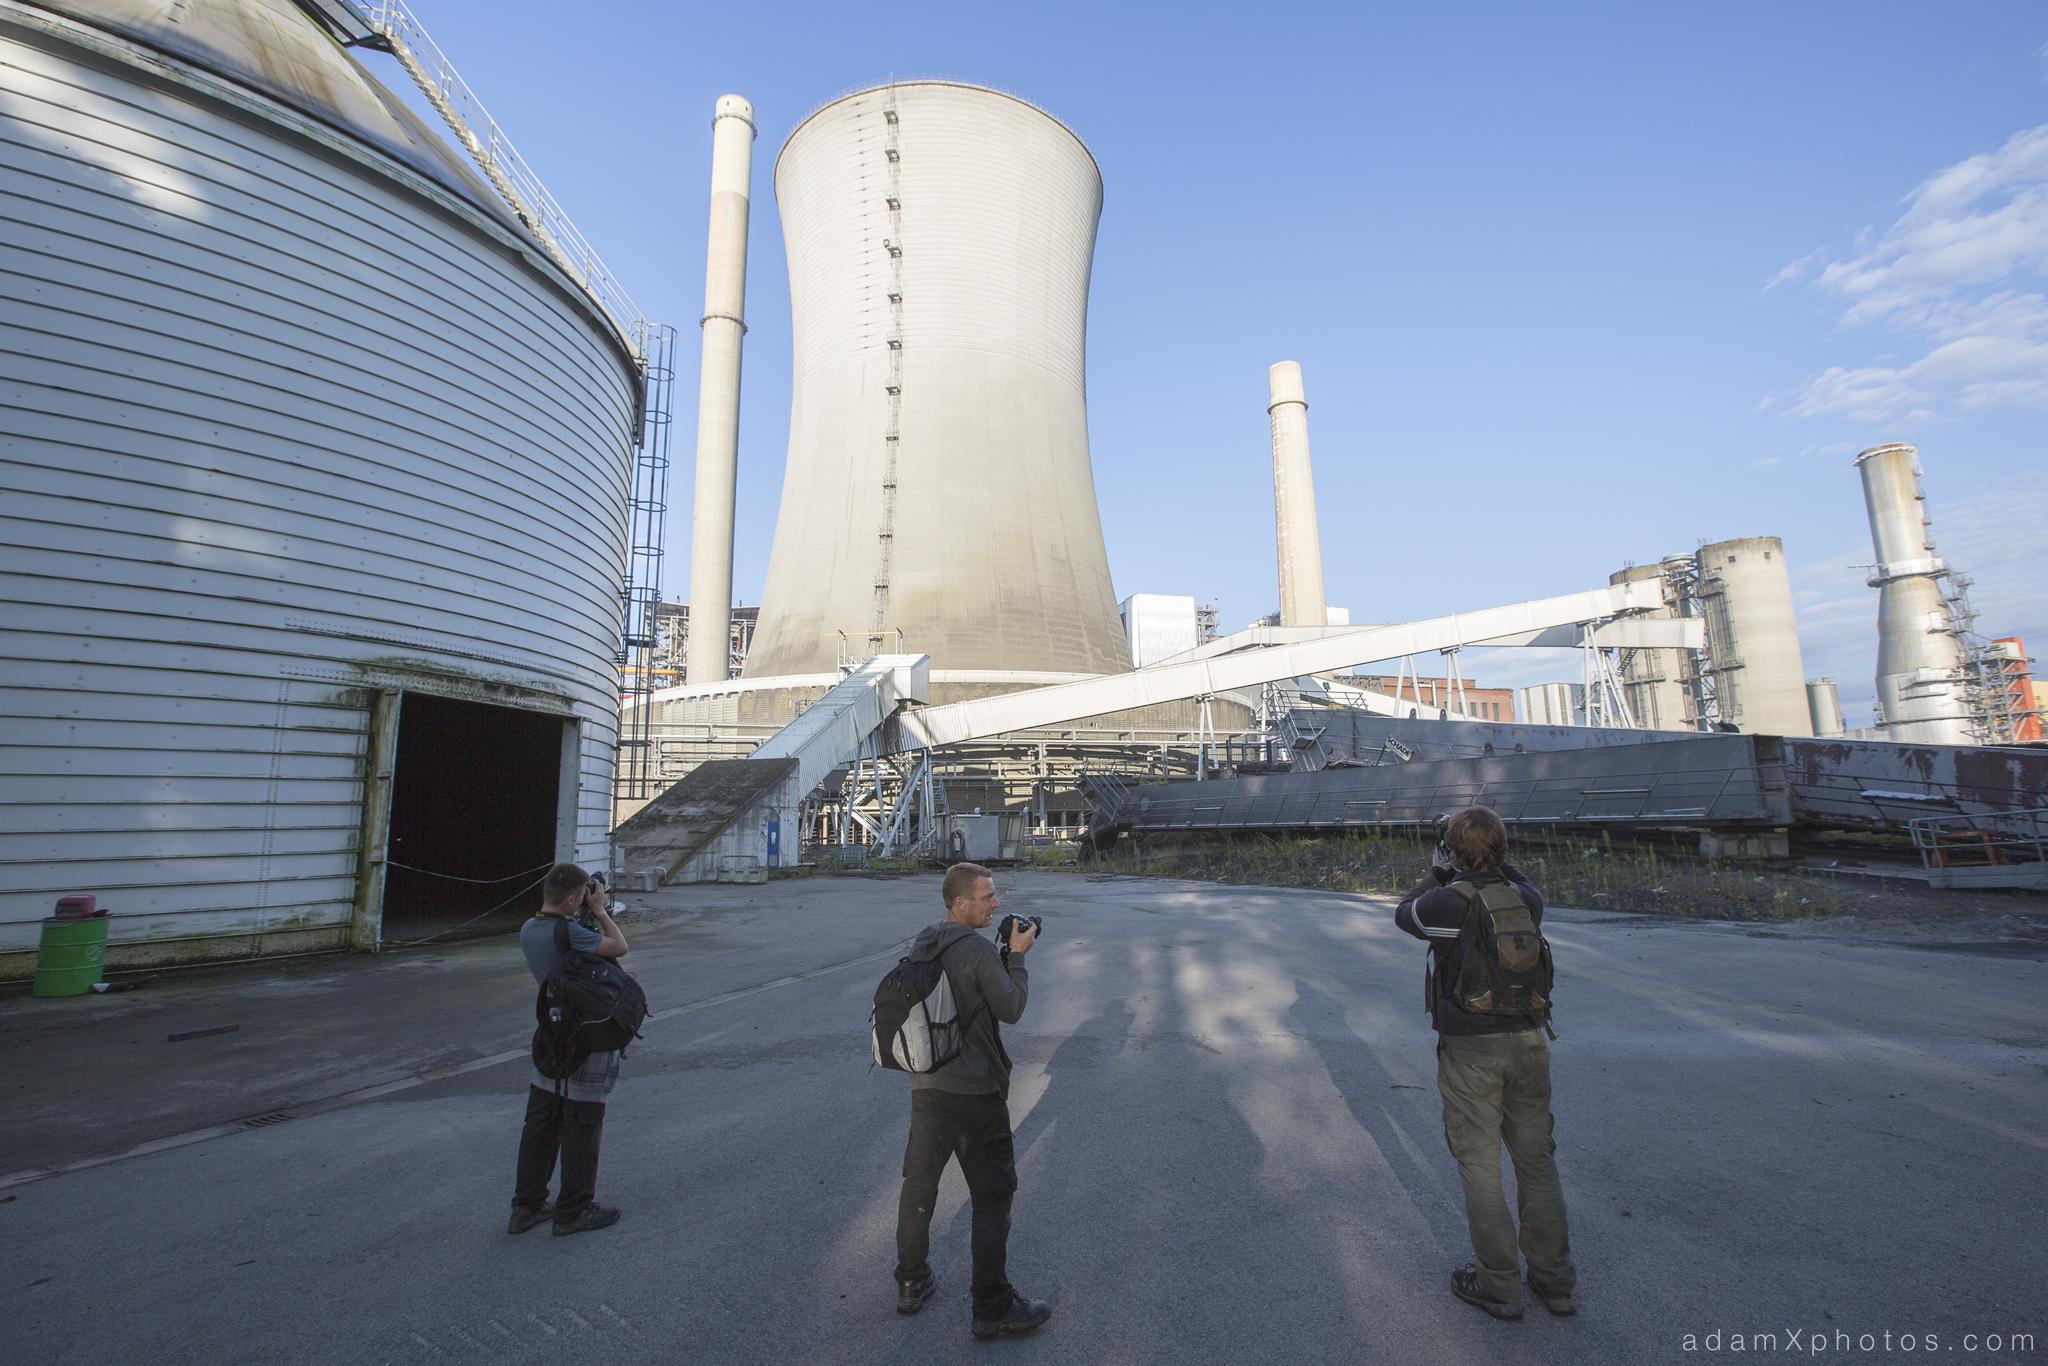 Urbex Urban Exploration Powerplant Gigawatt XL Cloud Factory external exterior cooling tower